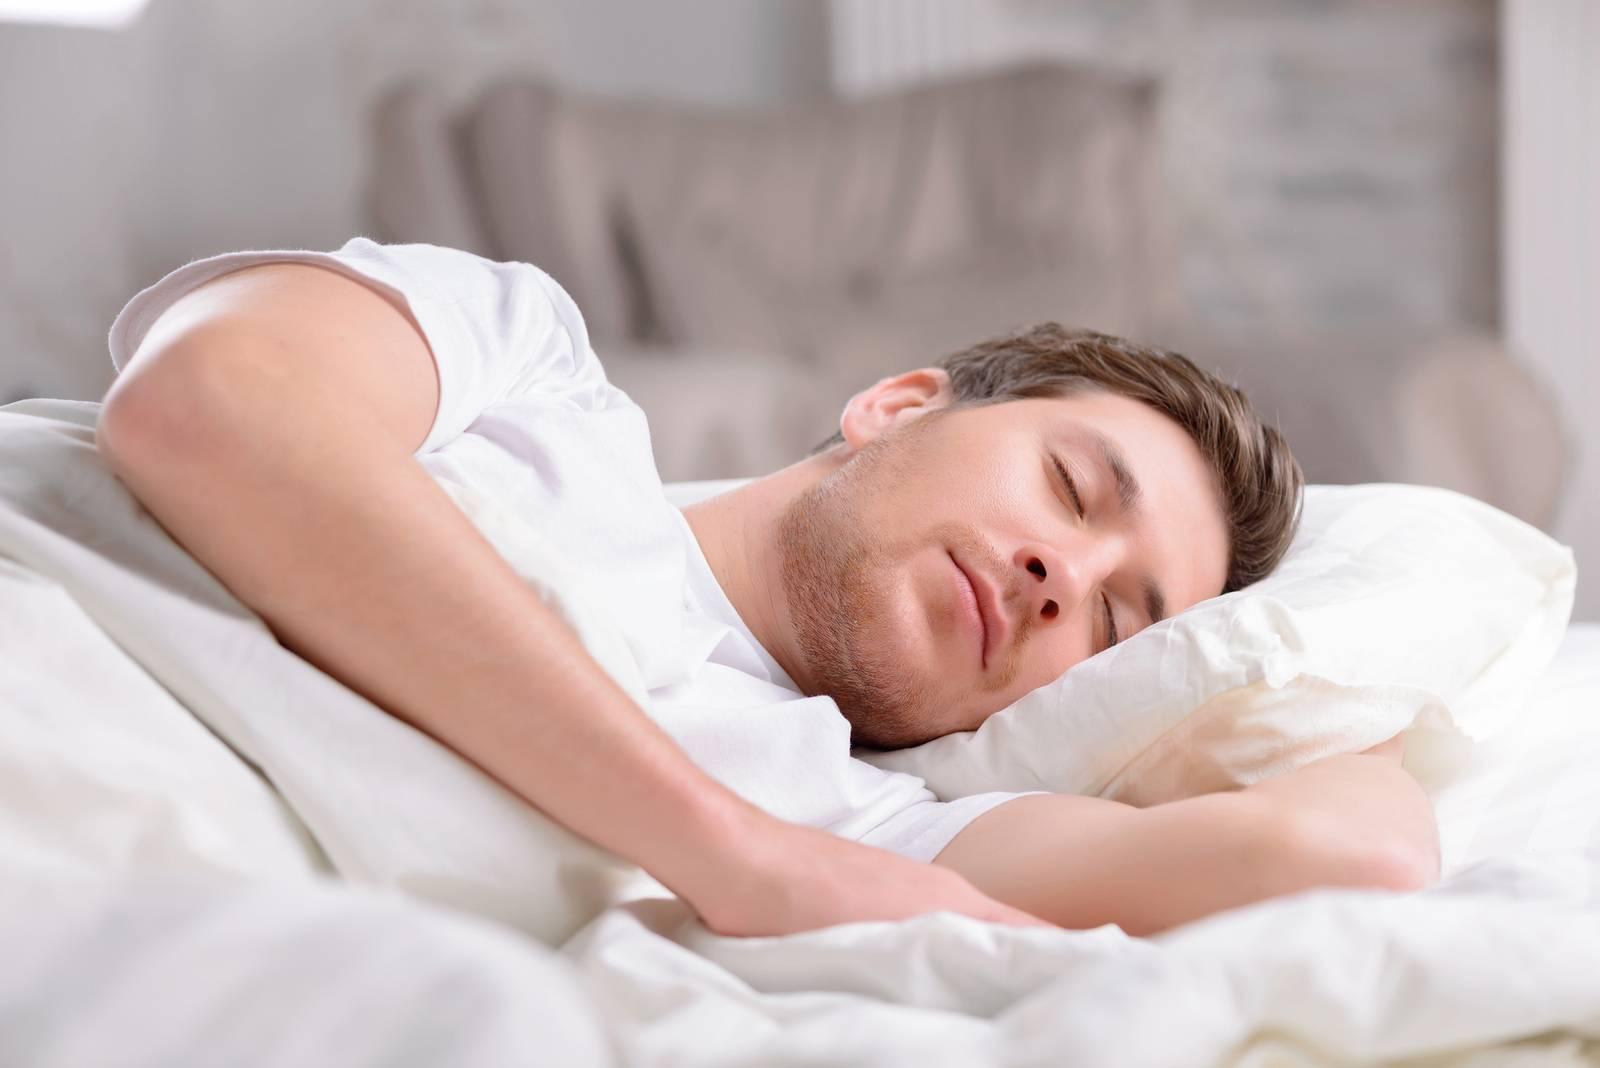 چگونه در کمتر از چند دقیقه بخوابیم؟